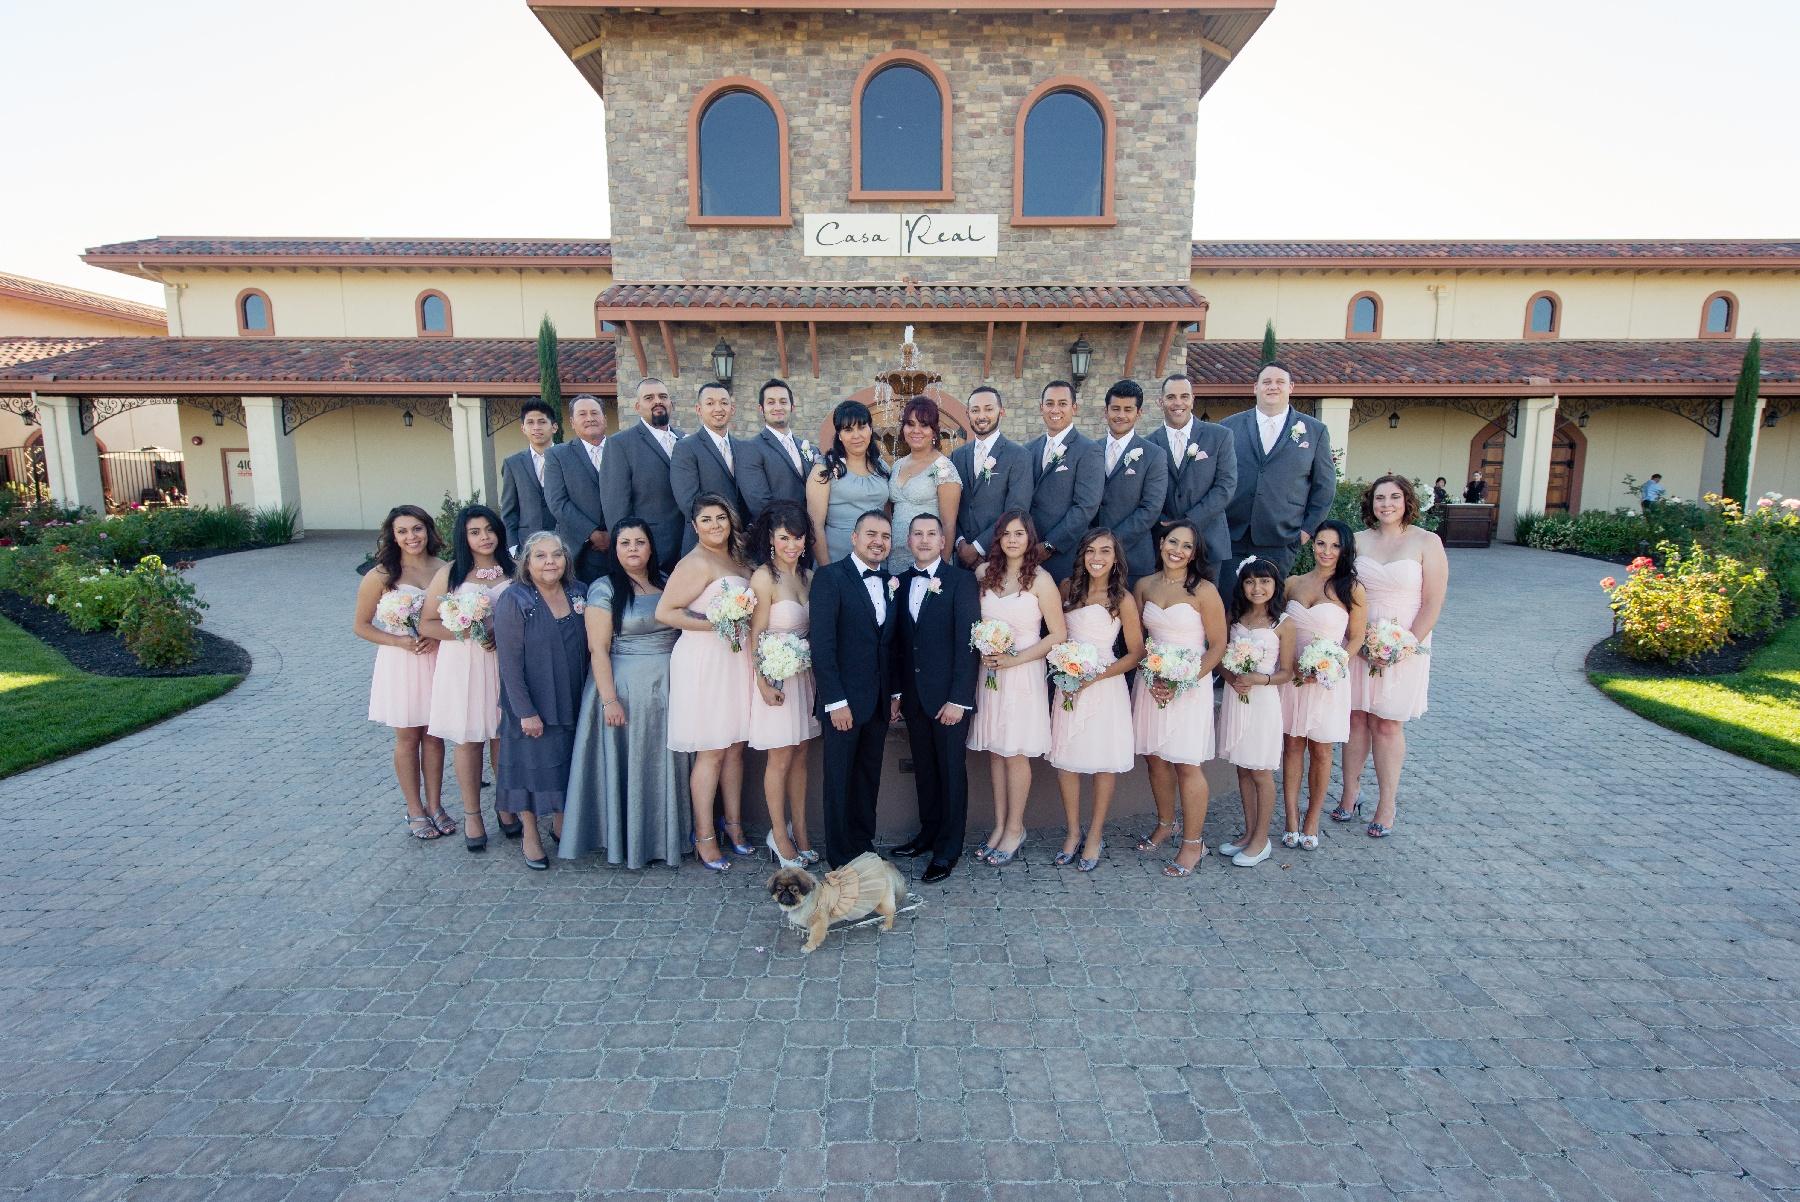 hugo and jimmy wedding 2014-10-05 31